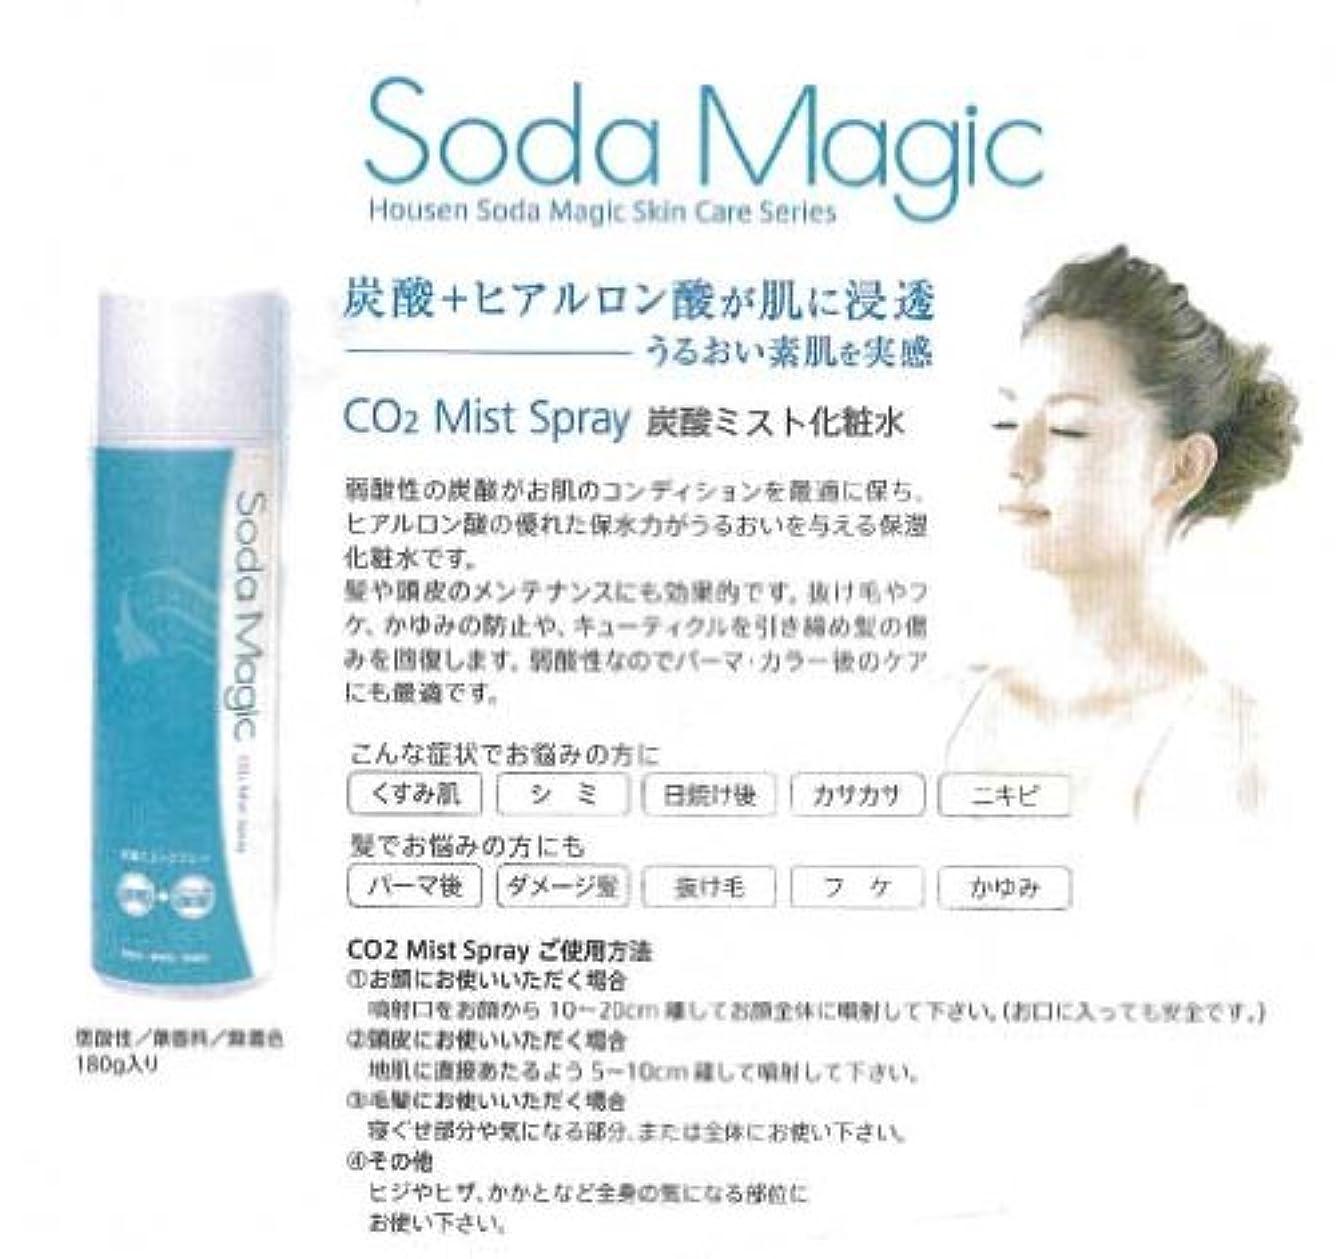 ボリューム外交官共産主義者Soda Magic 炭酸ミストスプレー(180g)